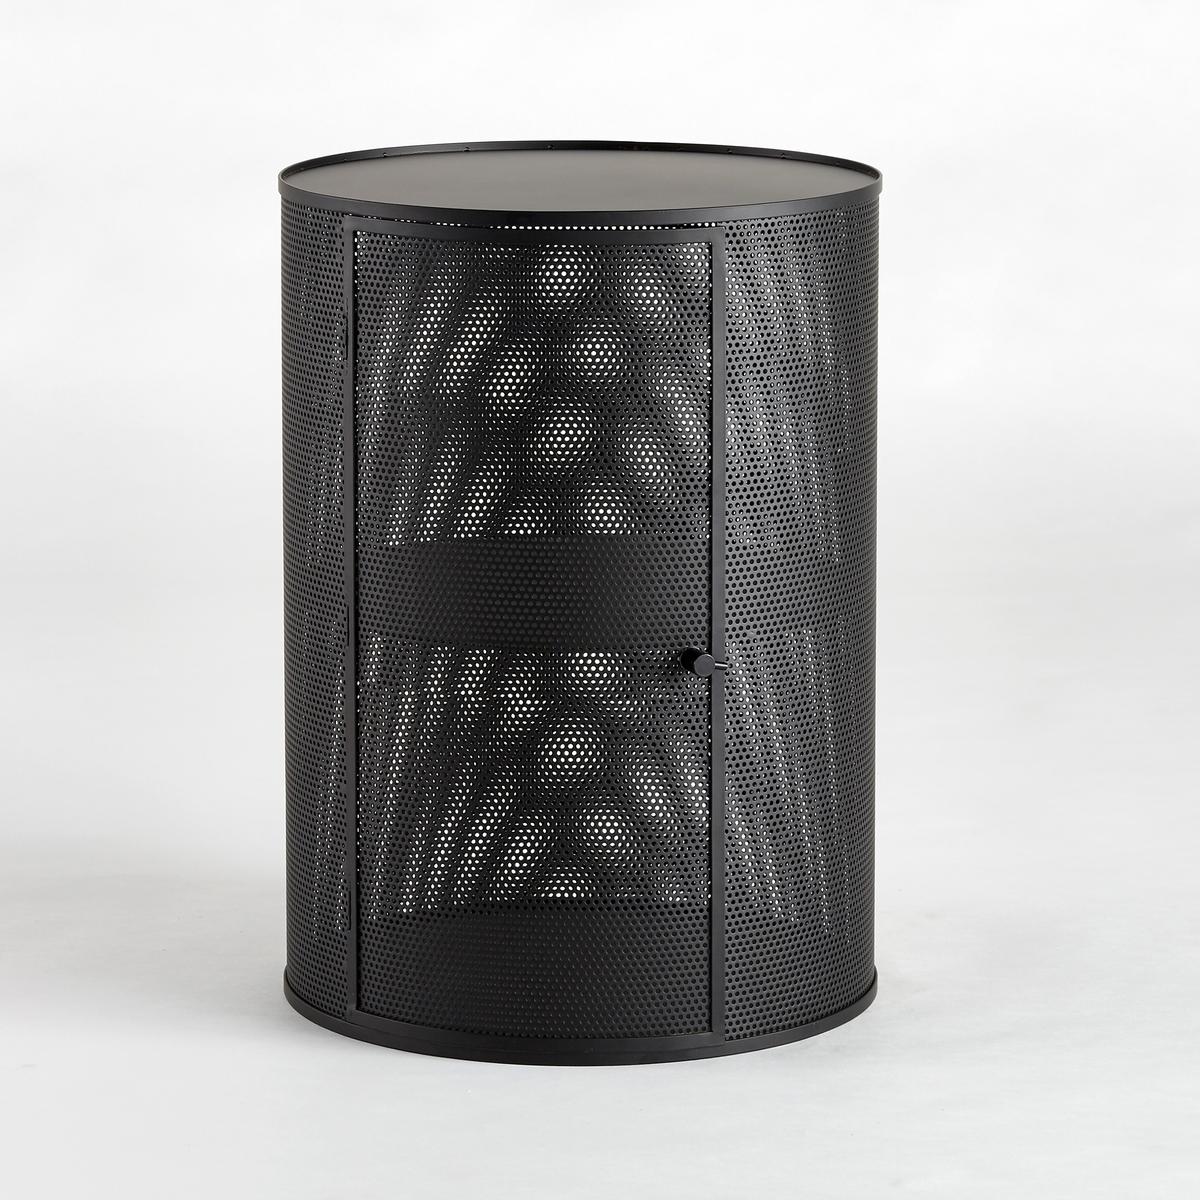 Столик диванный с перфорацией VesperДиванный столик с перфорацией Vesper. Круглый диванный столик, который можно использовать как ночной столик или журнальный столик. В продаже 2 размера. Характеристики :- Из металла с перфорацией, покрытие эпоксидной краской. - 1 дверца. 1 полка.- Дверца открывается влево или вправо. Размеры :- Размер S : диаметр 30 x высота 43 см- Размер M : диаметр 40 x высота 55 см Размеры и вес коробки :- Размер S: Ш.38 x В.38 x Г.48 см, 7,96 кг- Размер M : Ш.47 x В.47 x Г.61,5 см, 12,5 кг<br><br>Цвет: черный<br>Размер: M